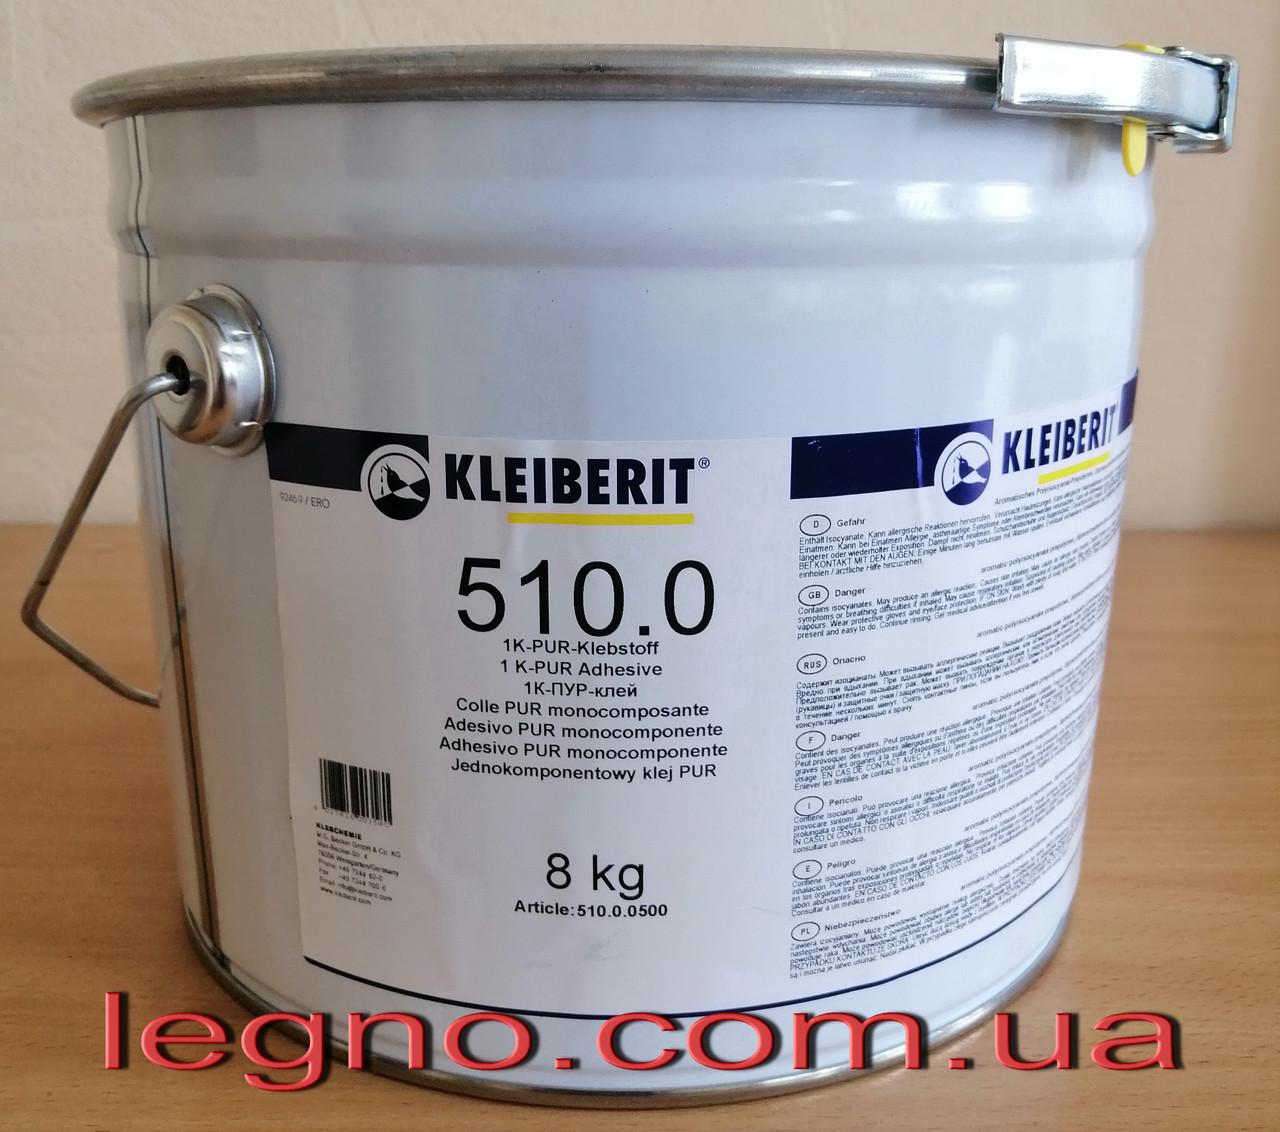 Клей Клейберит 510.0 Fiberbond для несучих дерев'яних конструкцій, ПУР, (поліуретановий), 1 - комп., відро 8 кг